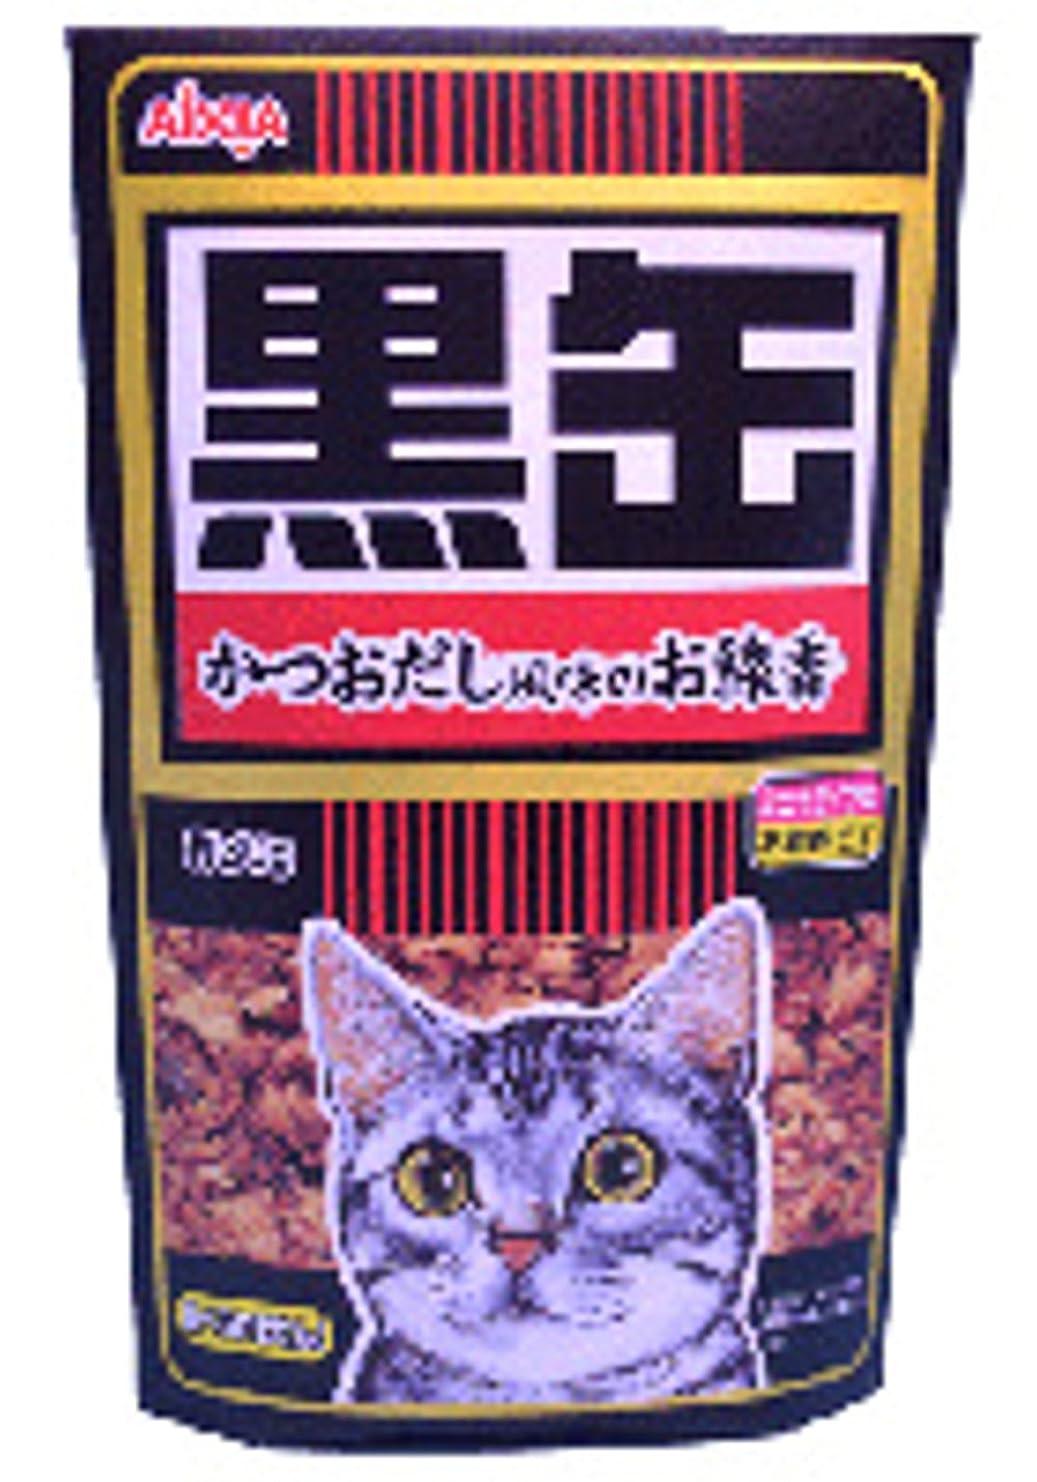 手伝うスタイル伝染性のカメヤマ黒缶線香 約30g